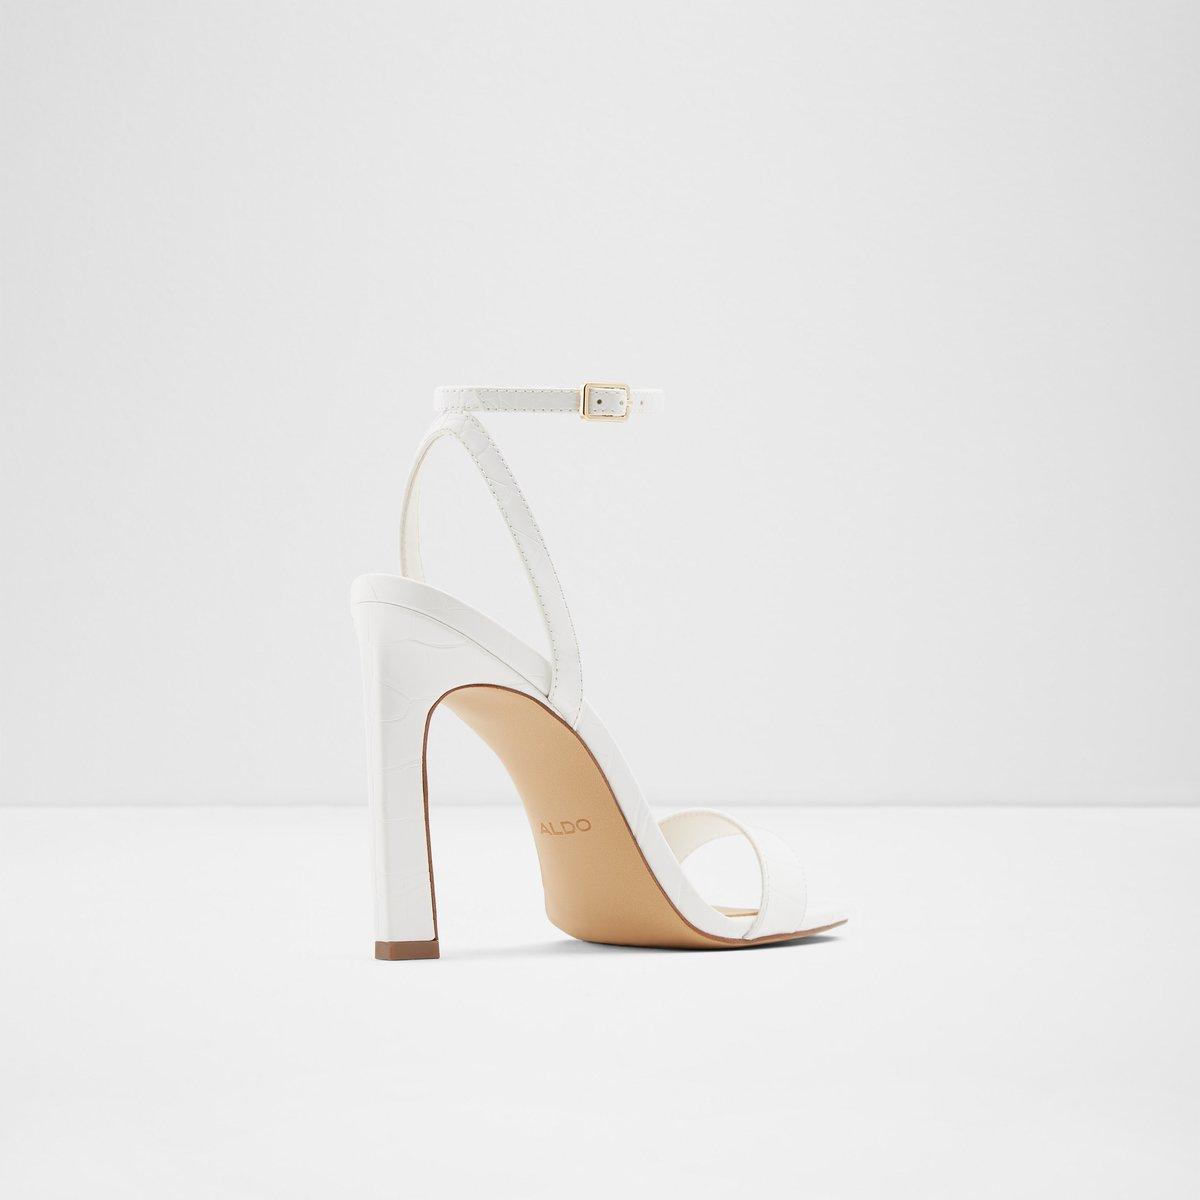 Gorgeous White Women's Sandals | ALDO US